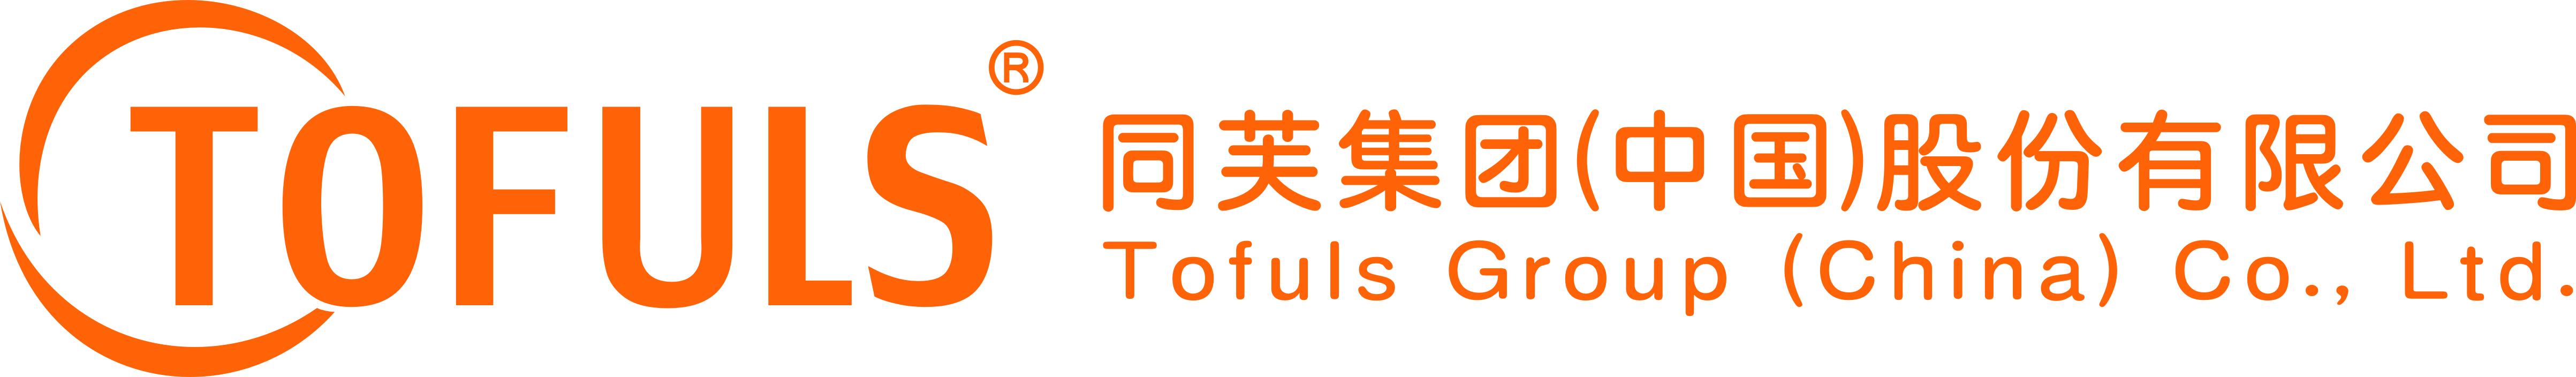 同芙集团(中国)股份有限公司